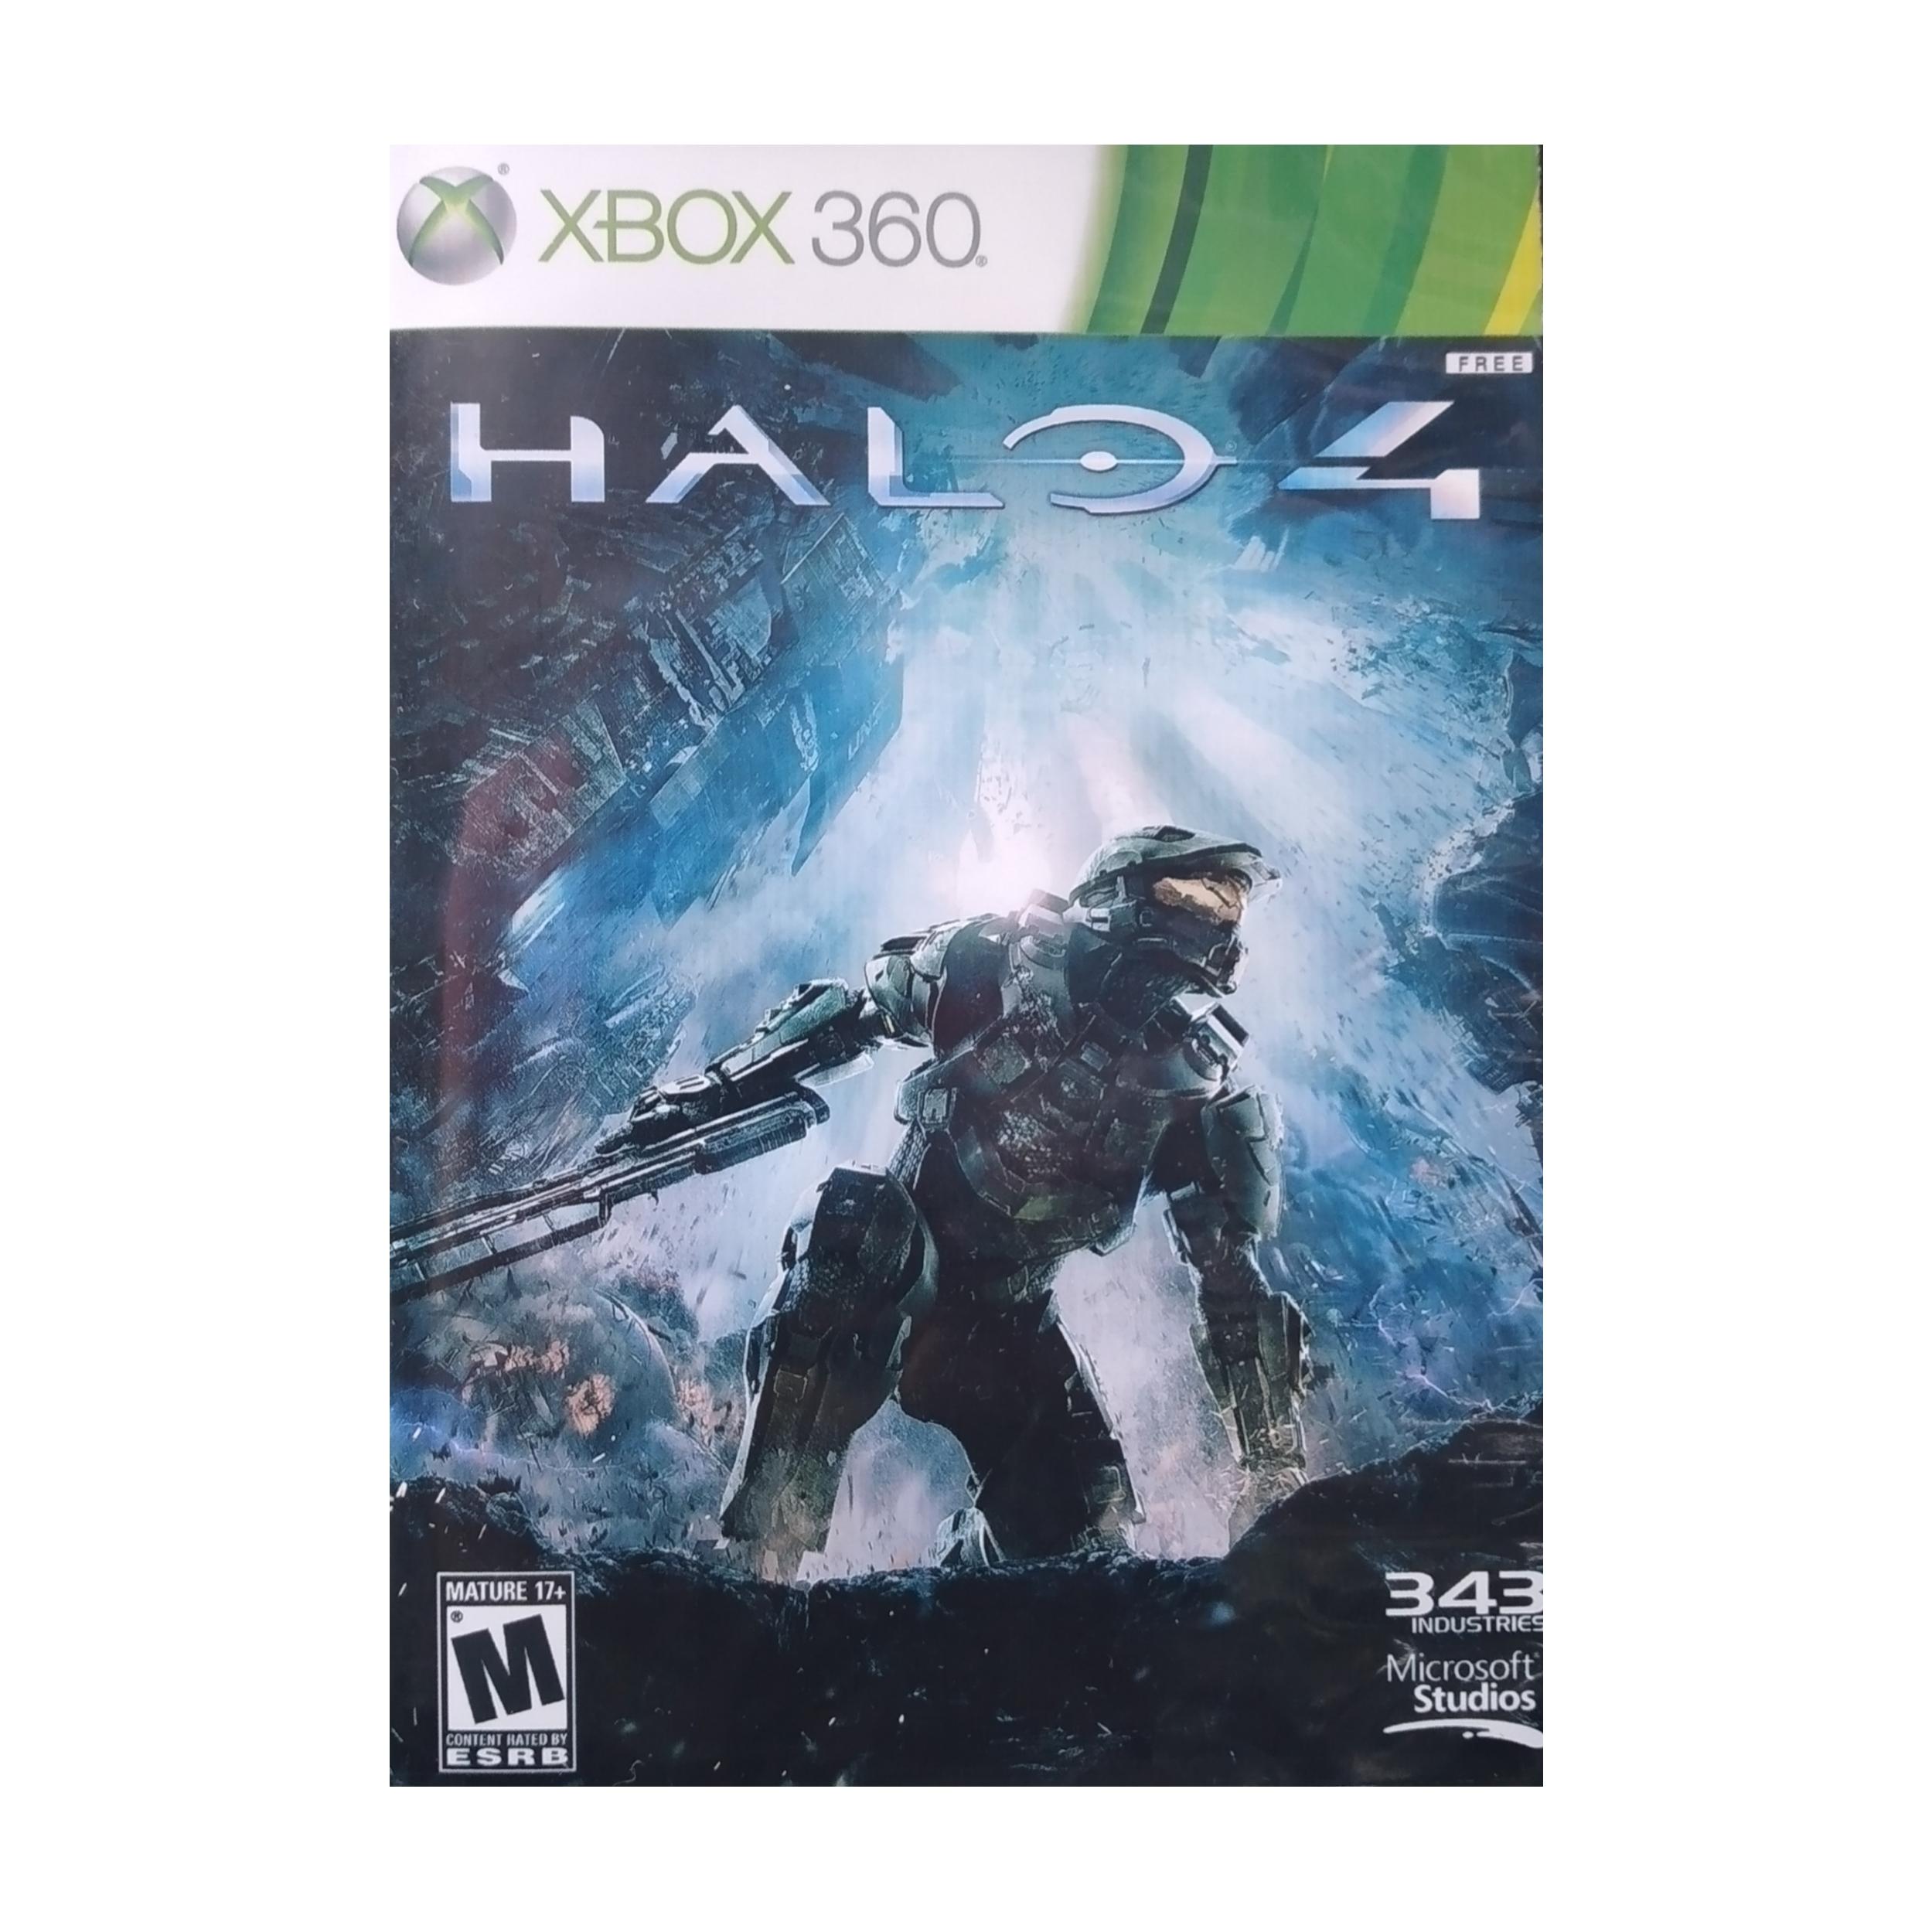 بررسی و {خرید با تخفیف} بازی HALC 4 مخصوص Xbox 360 اصل